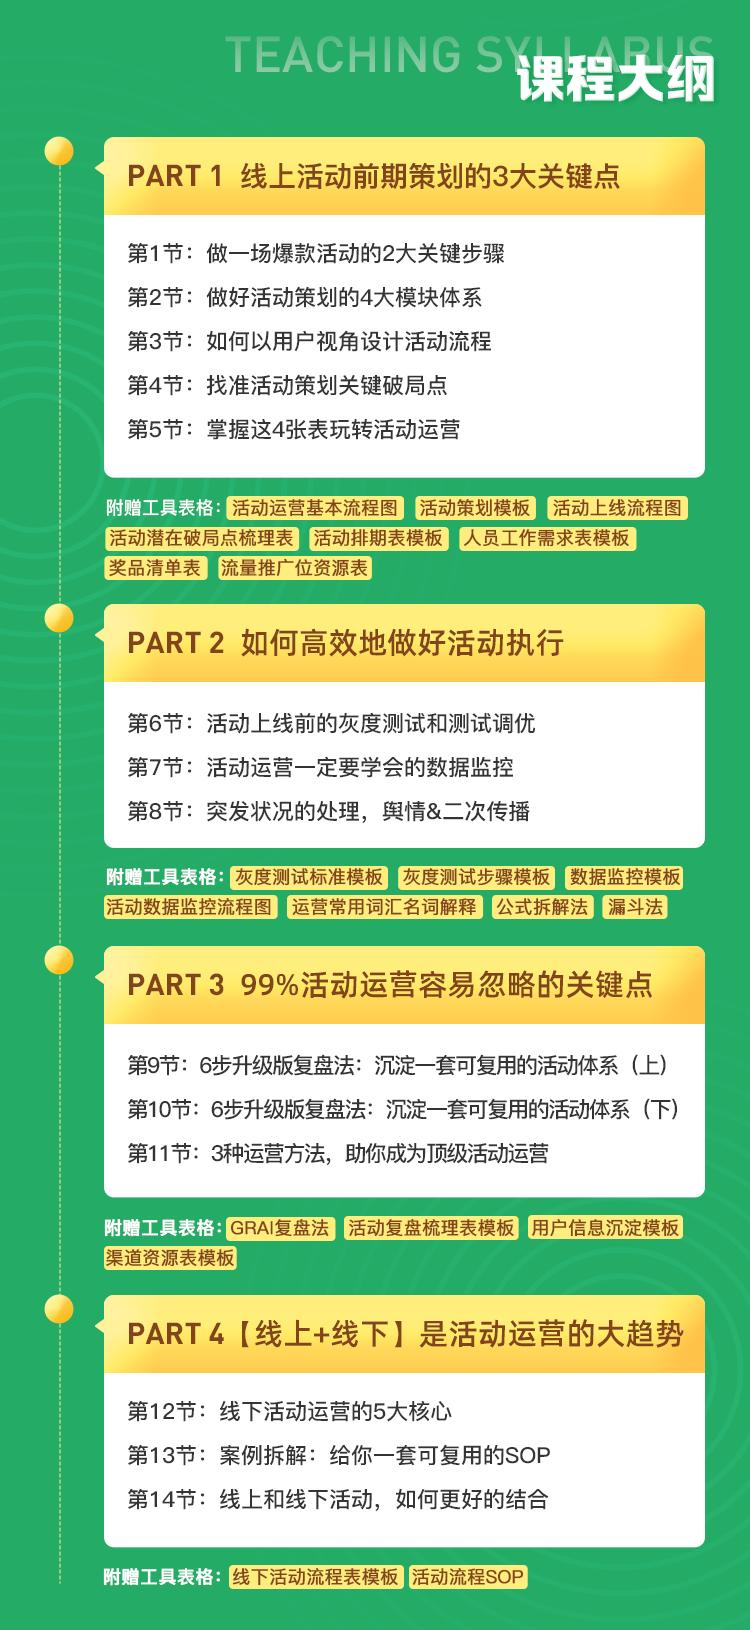 http://mtedu-img.oss-cn-beijing-internal.aliyuncs.com/ueditor/20210412105911_477534.png